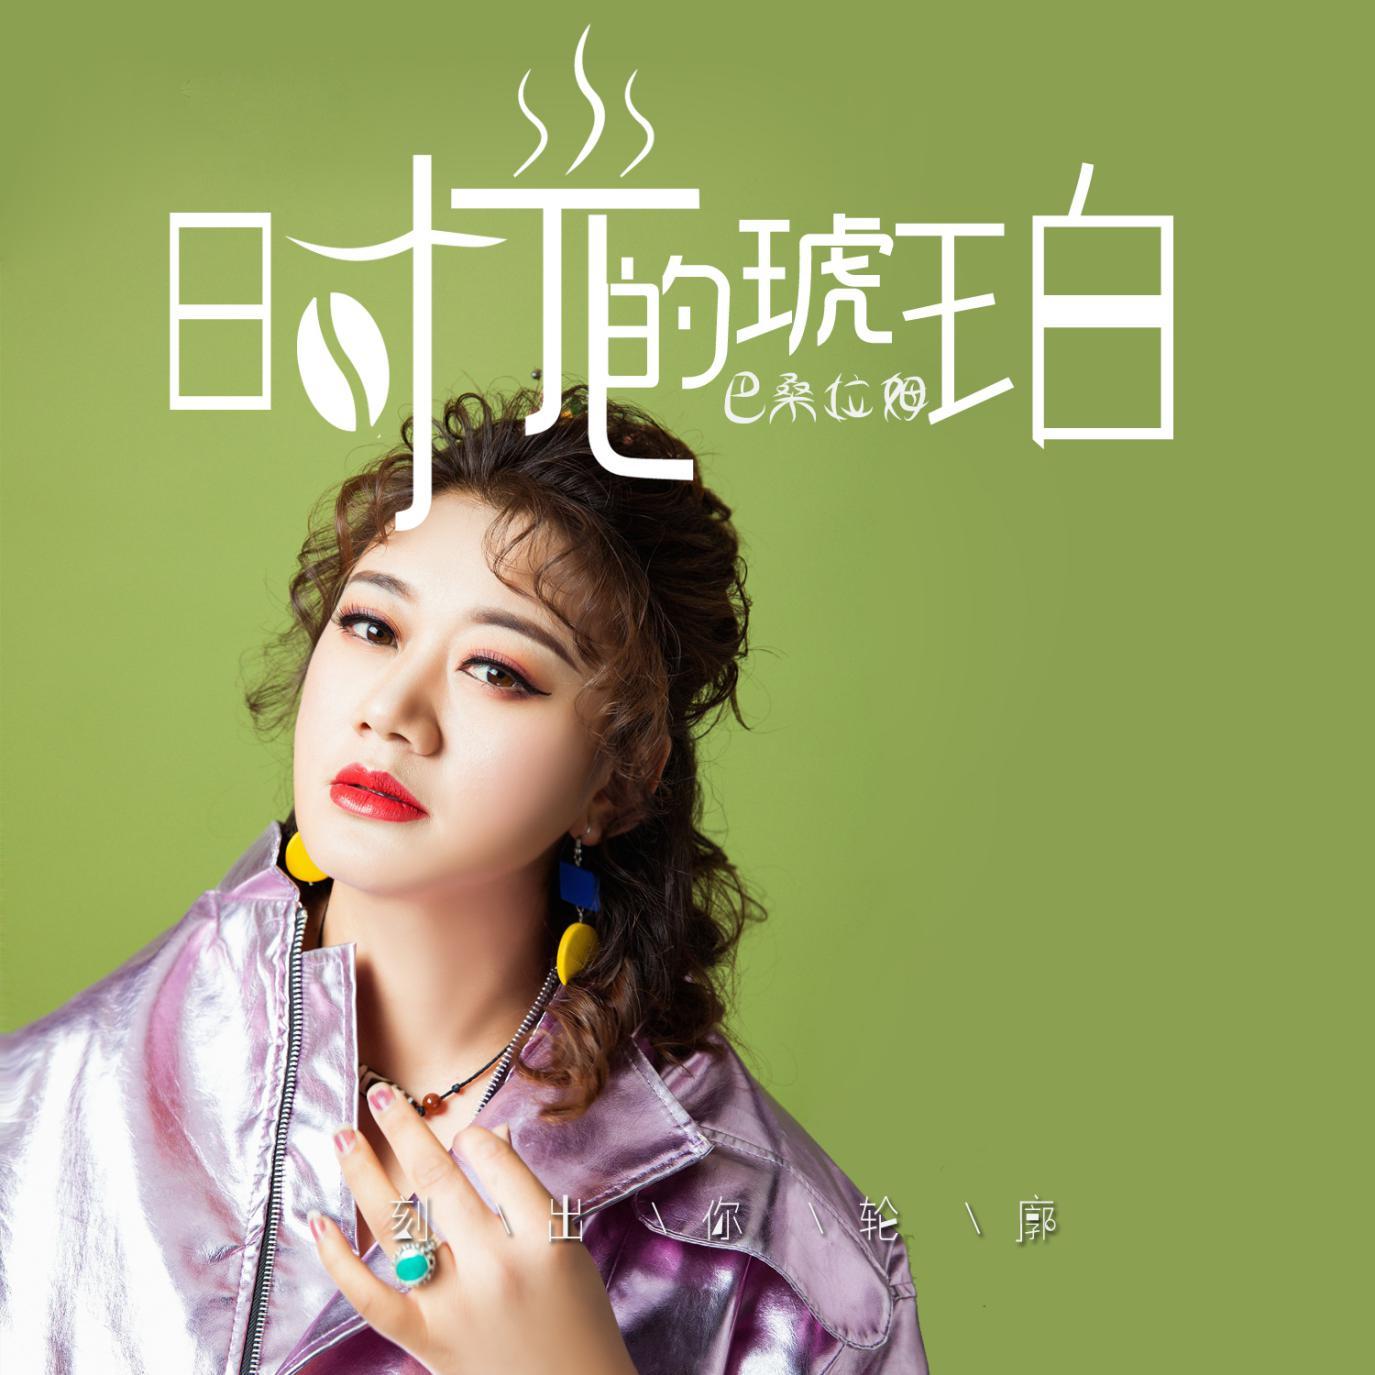 藏族女高音巴桑拉姆新歌《时光的琥珀》上线